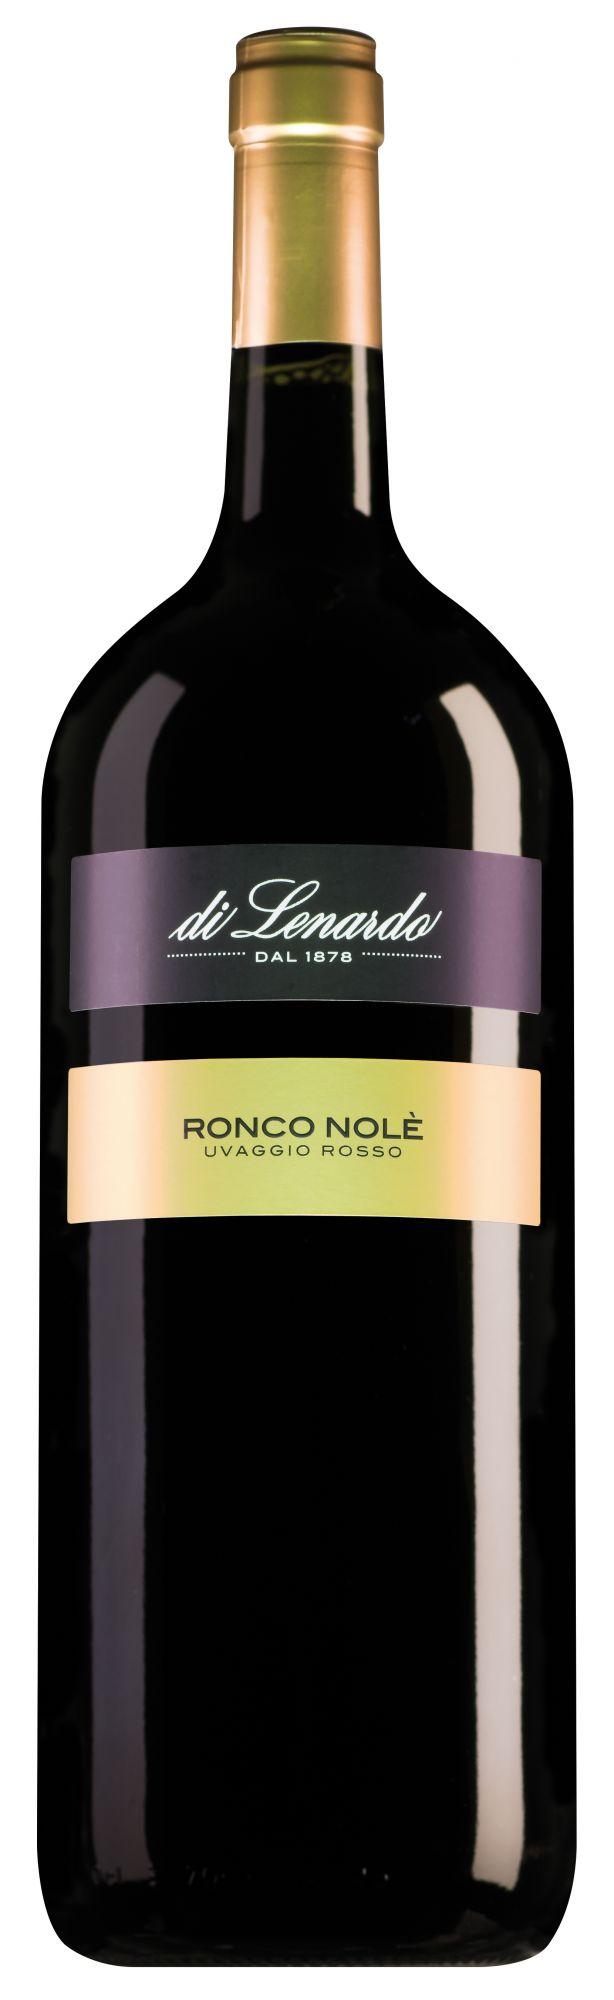 Di Lenardo Vineyards Vino Rosso Ronco Nolè magnum